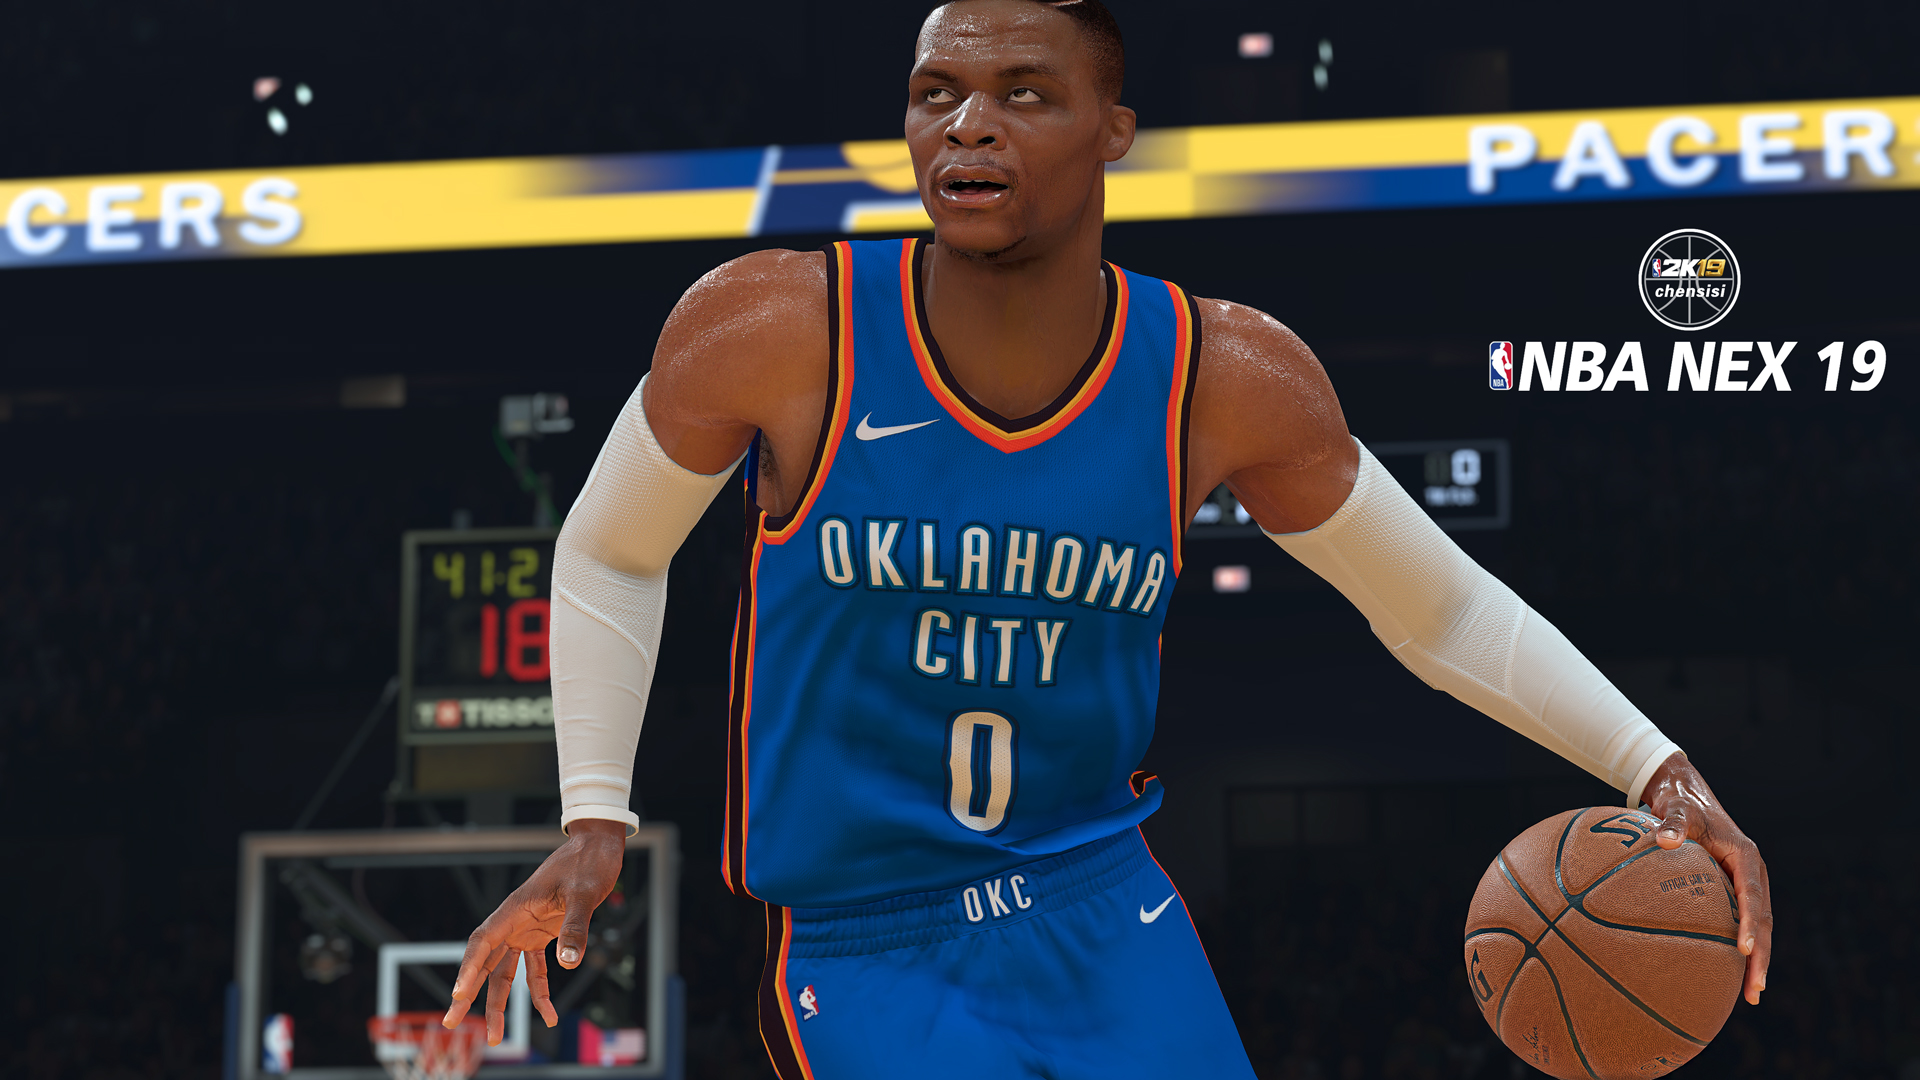 NBA2K19-2018-09-13-12-29-03.jpg